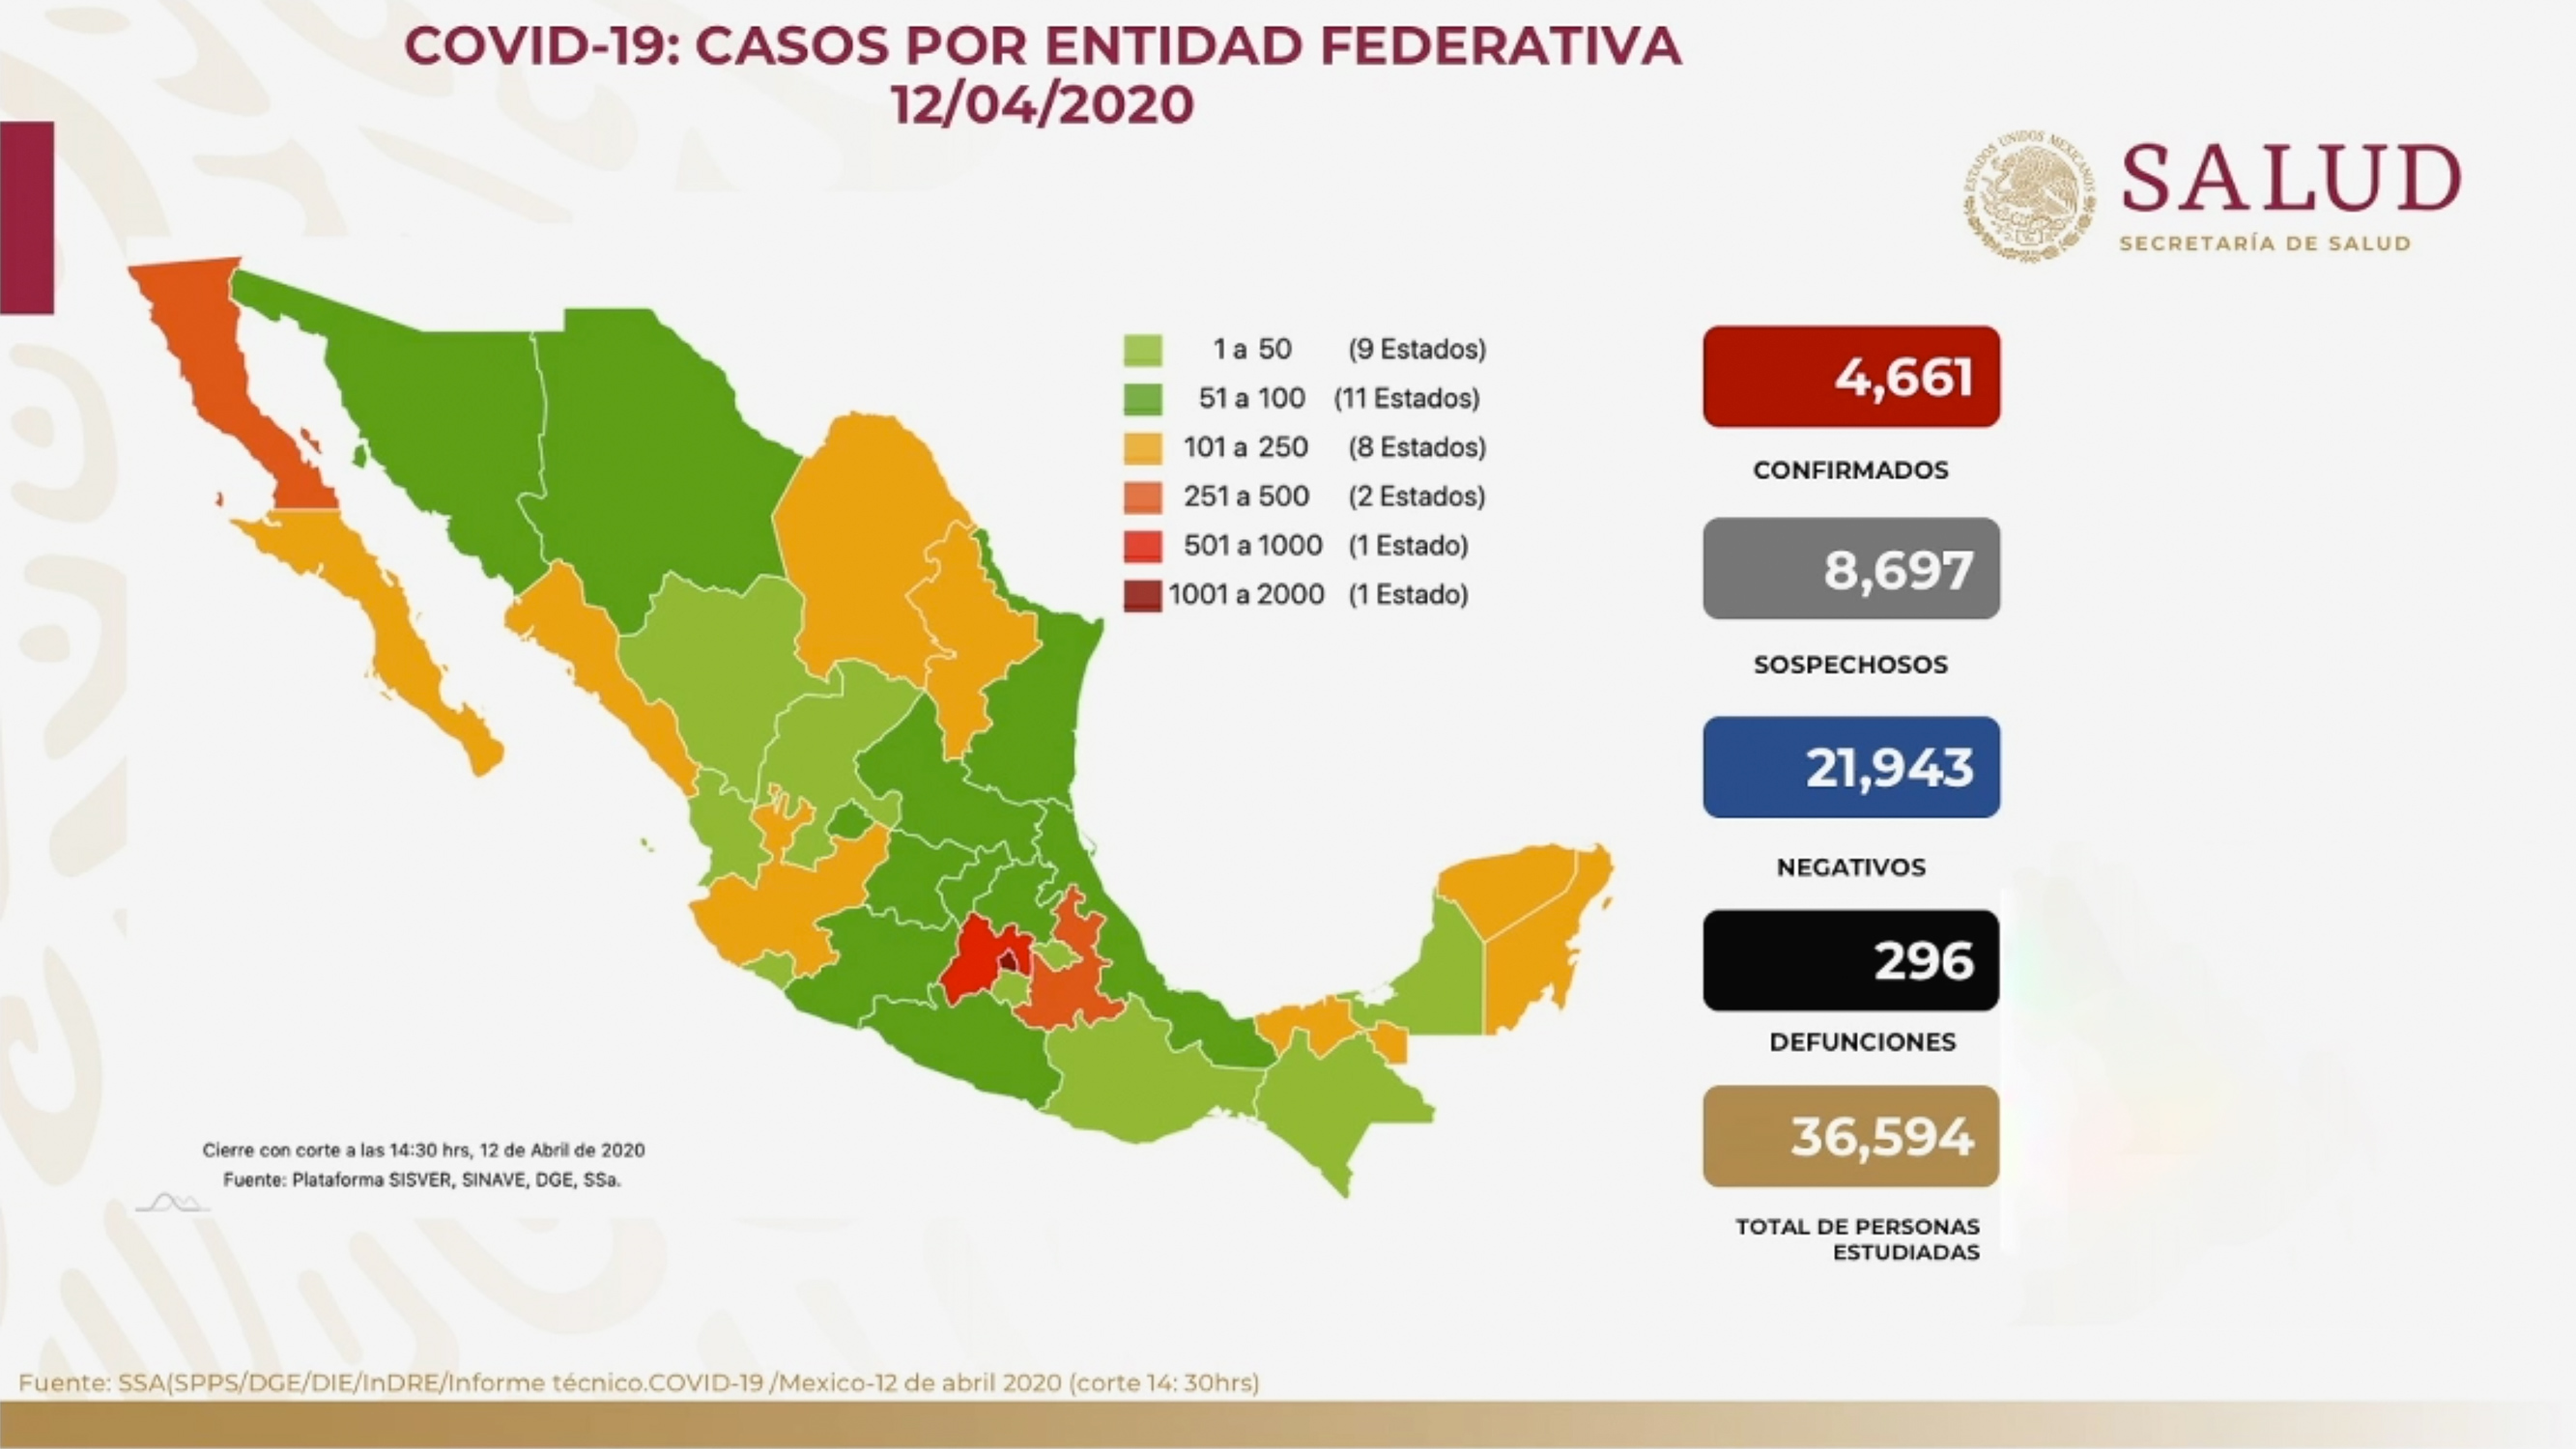 SUMAN 4661 CASOS POSITIVOS DE COVID-19 EN MÉXICO